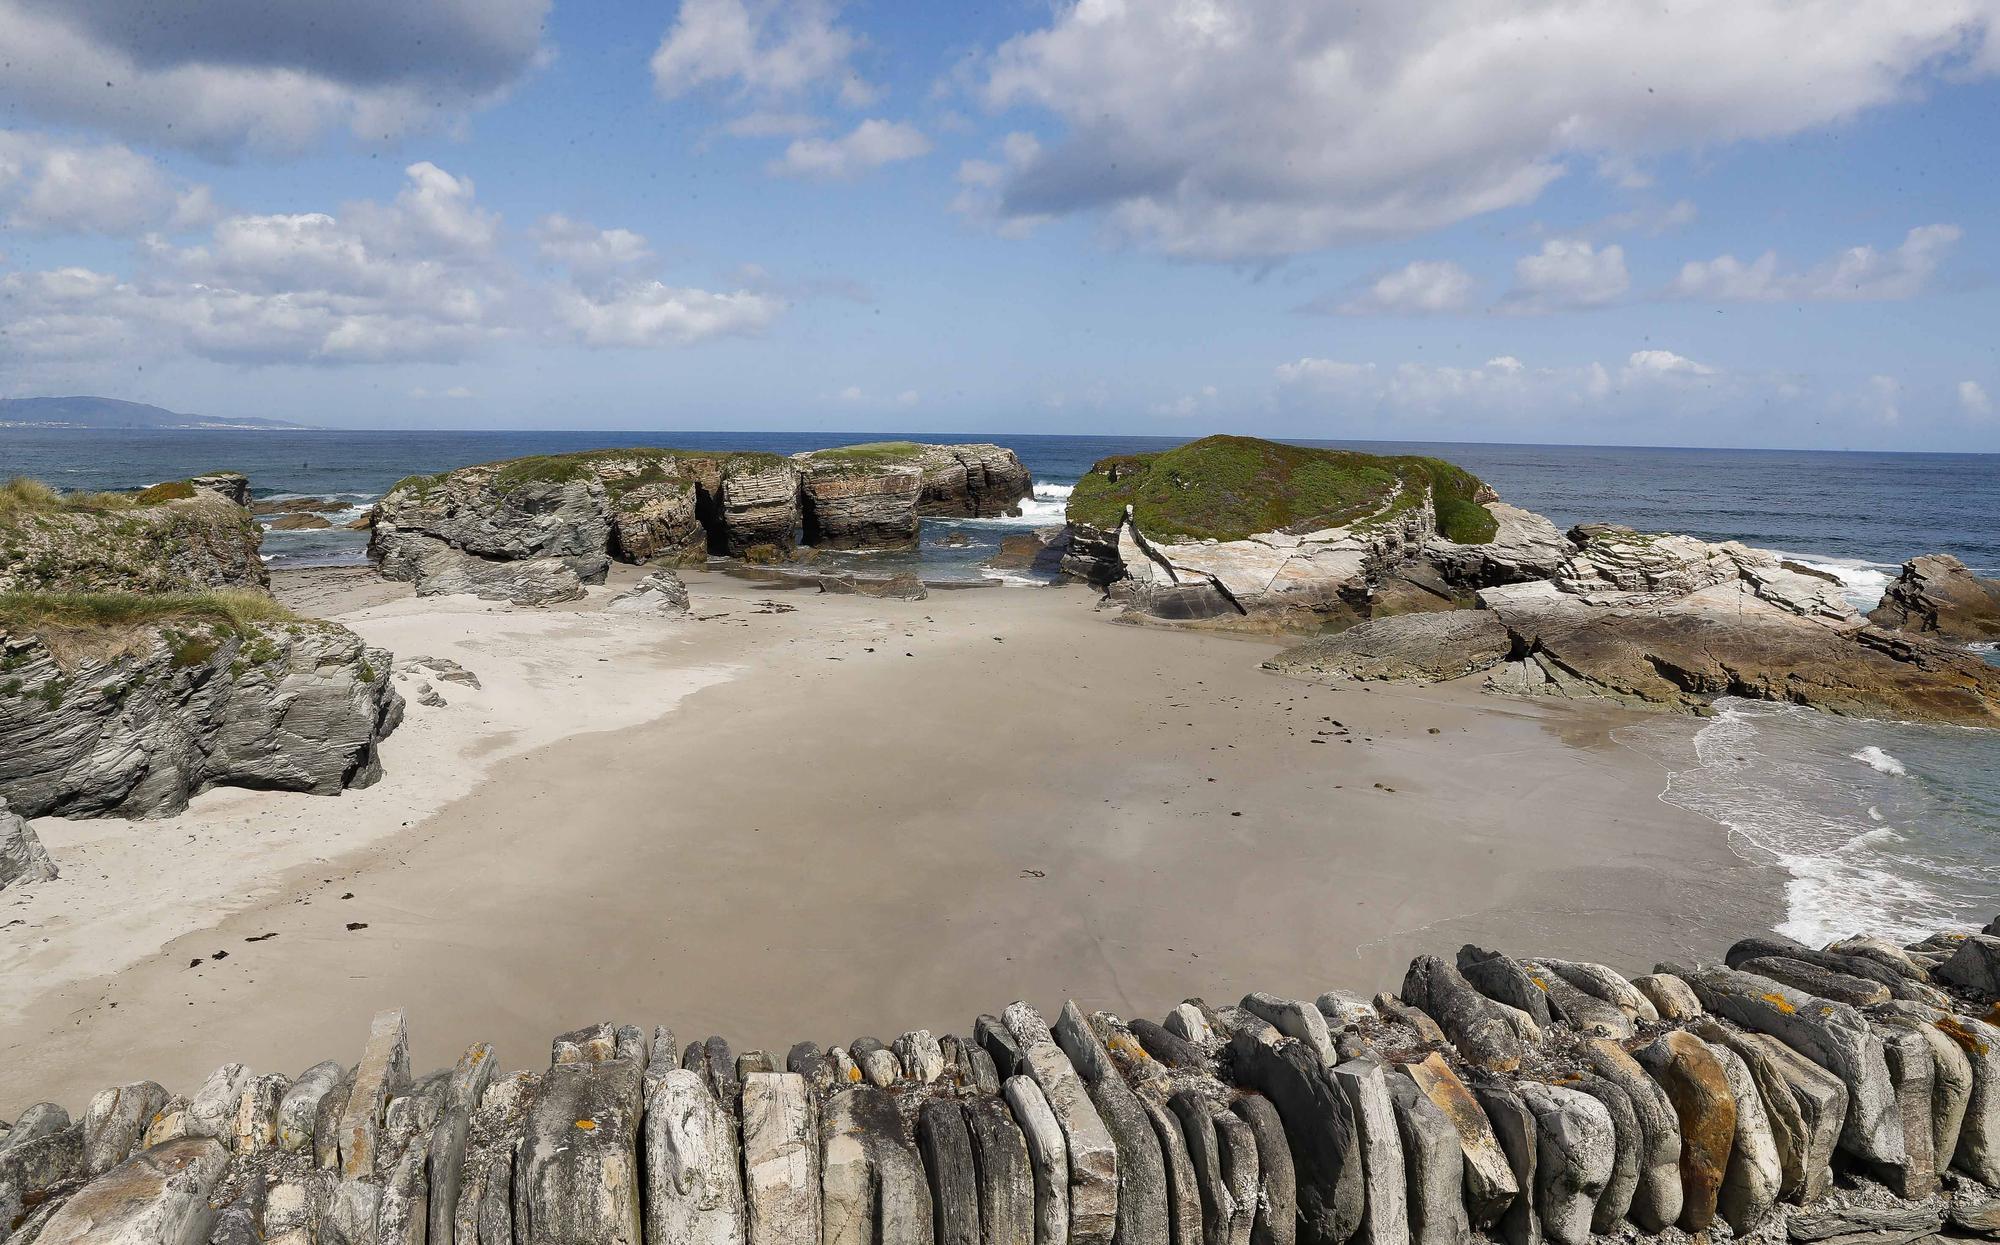 Excursión fotográfica por la espectacular costa de la Mariña lucense